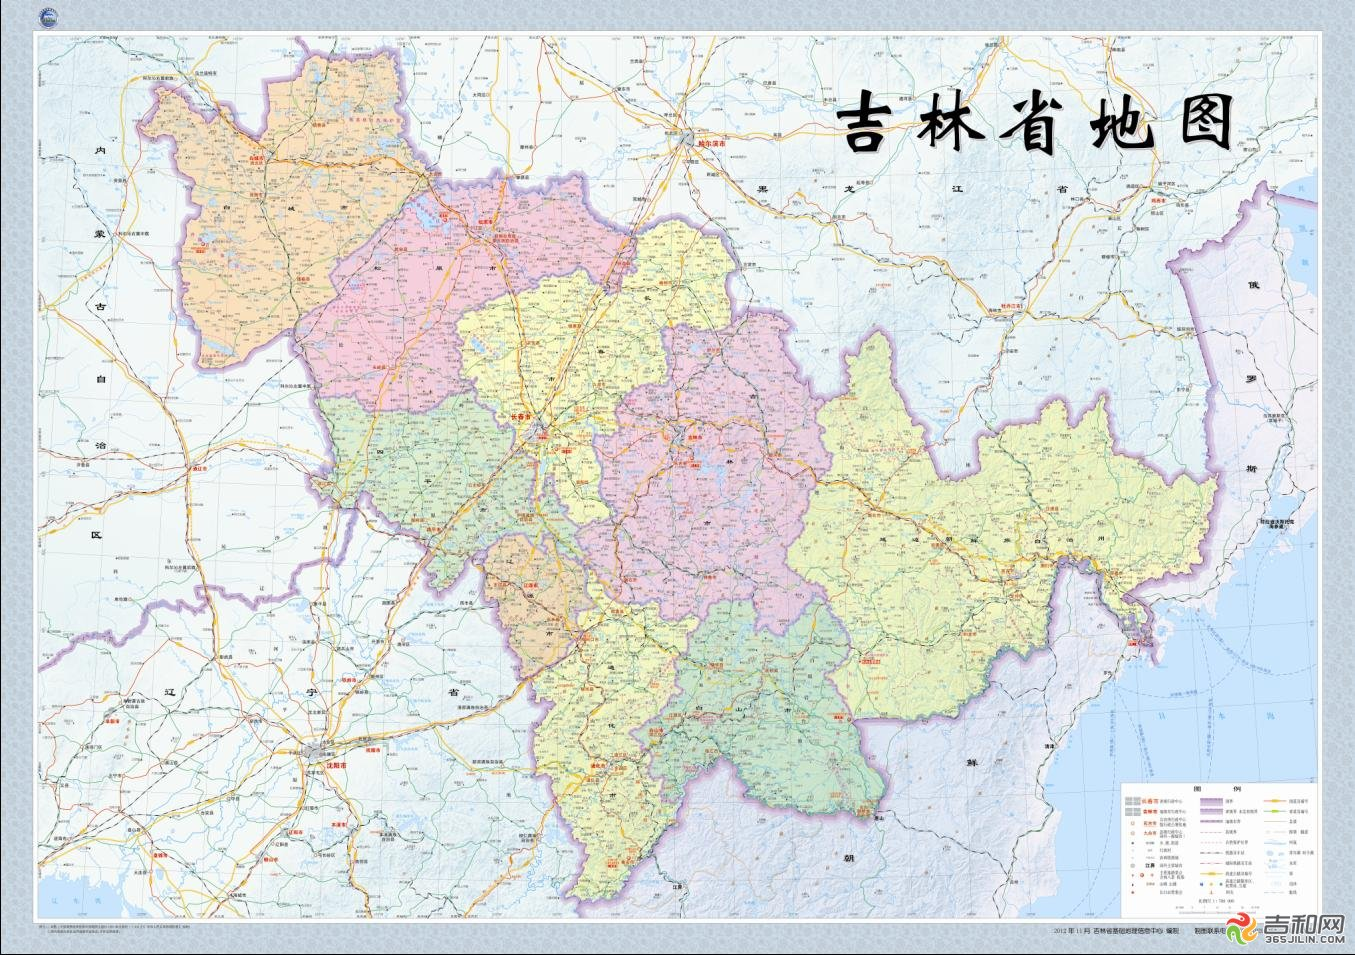 新版 吉林省地图 和 长春城区全图 正式出版发行